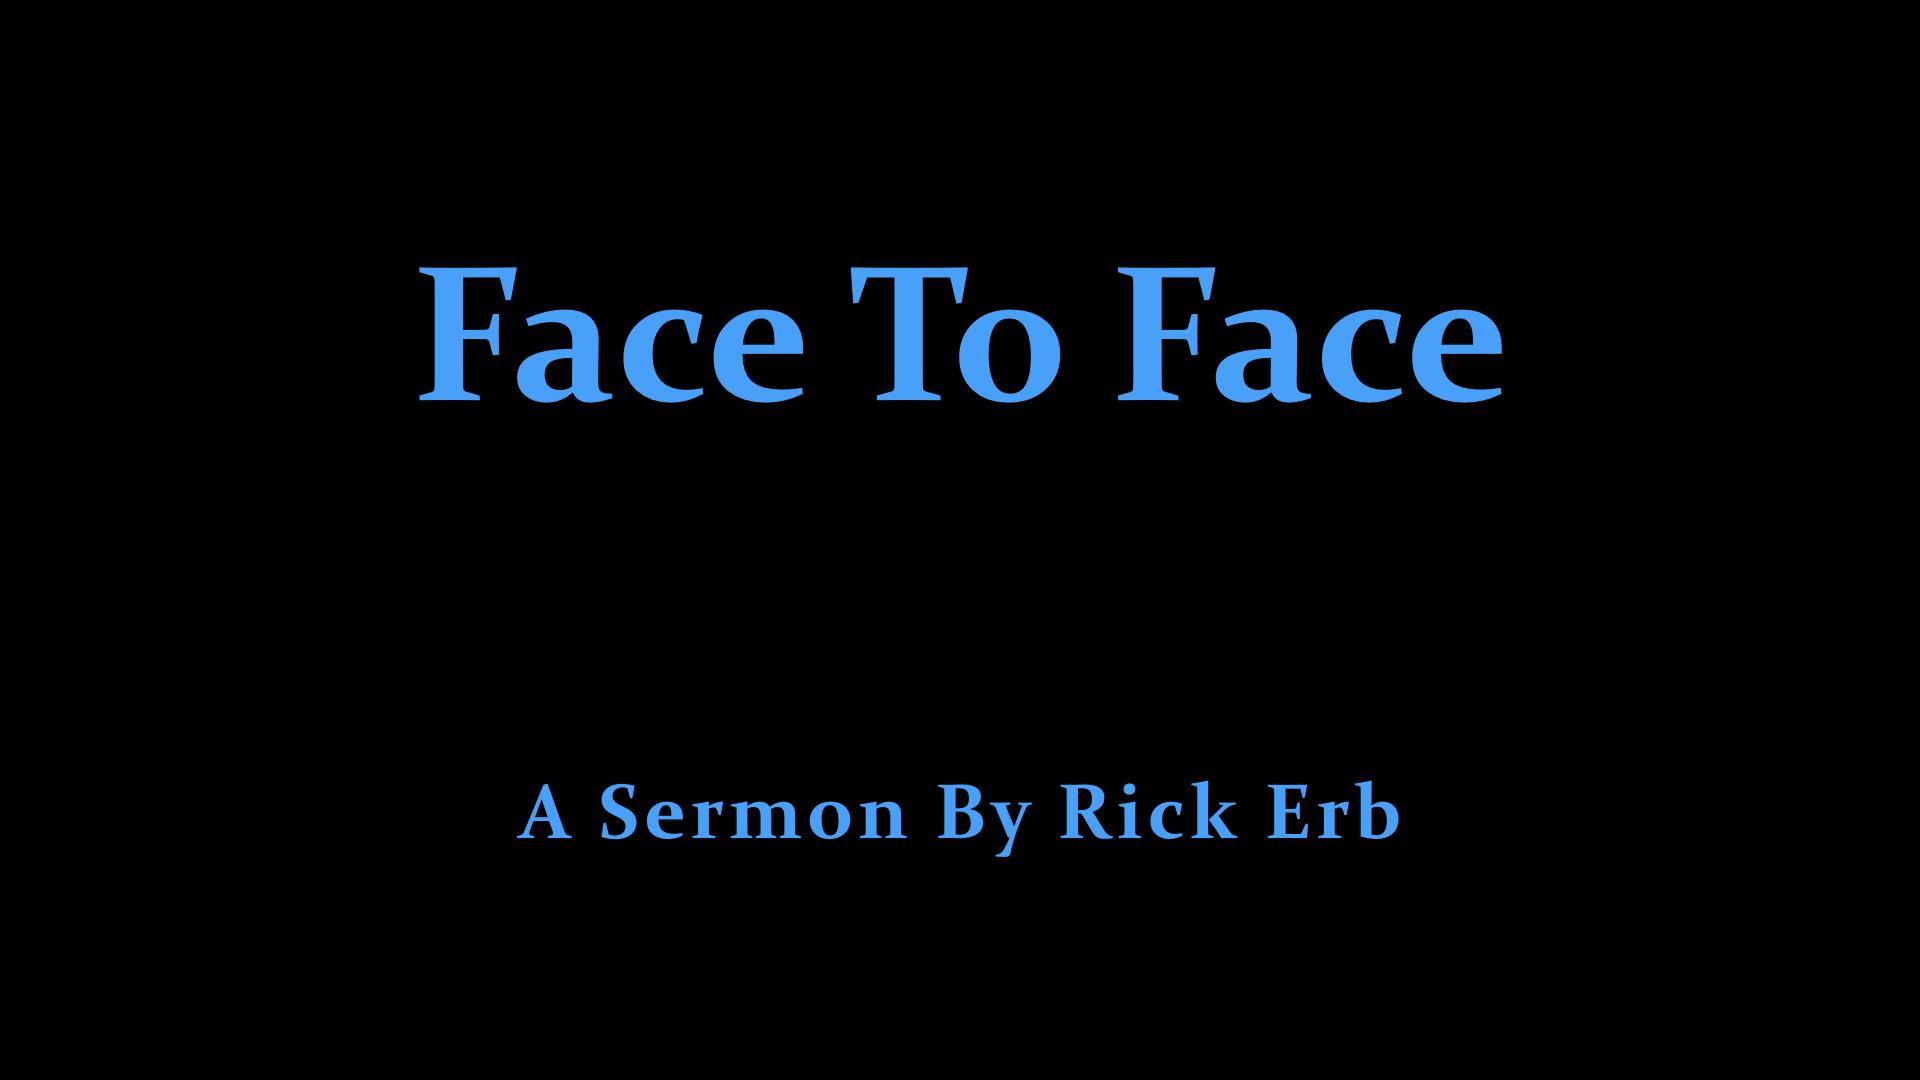 Face To Face - Rick Erb.jpeg